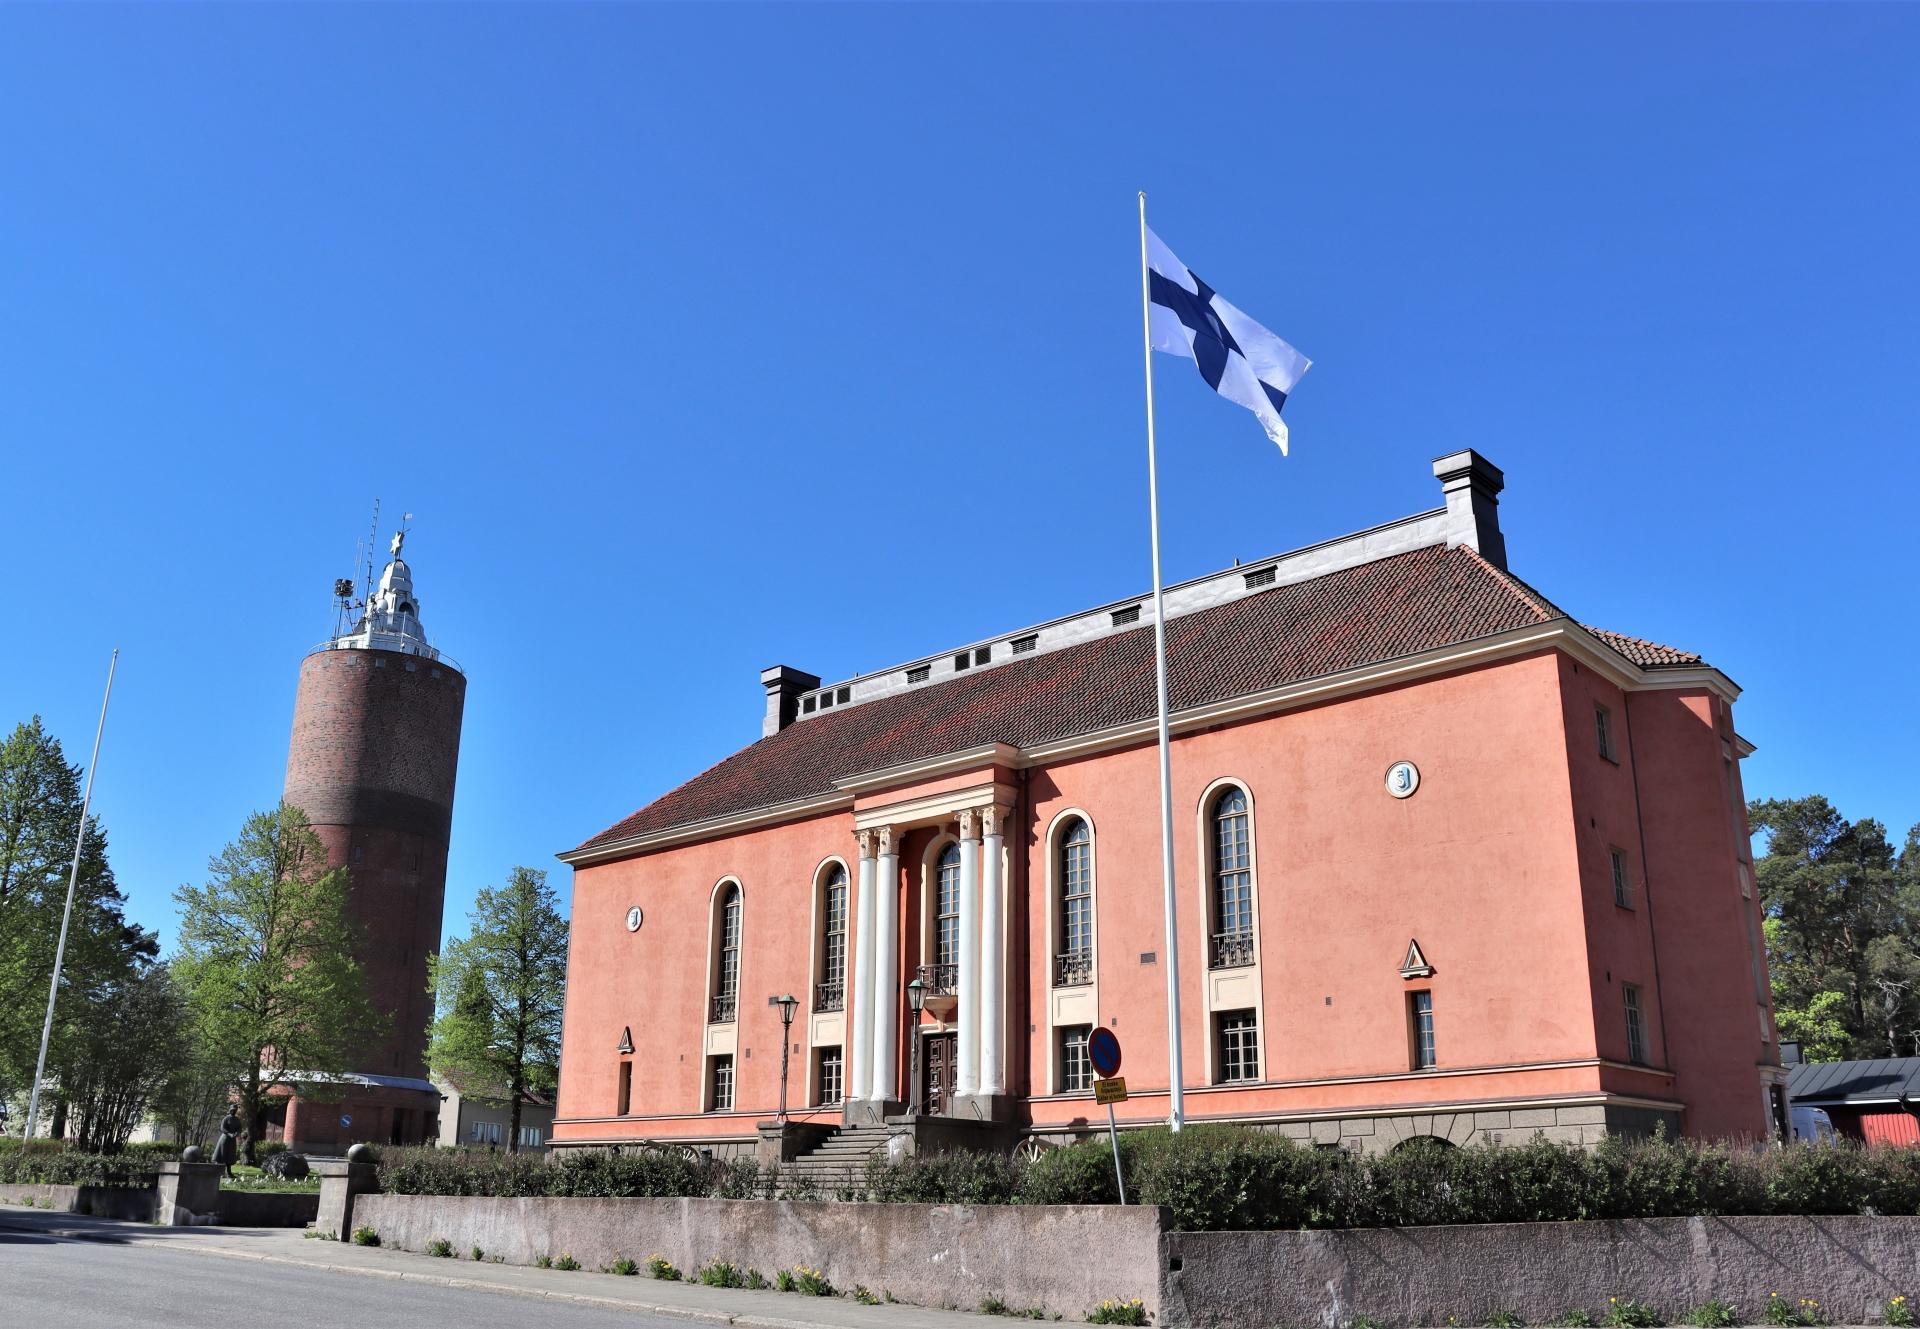 Kokkolan kaupunginteatterin rakennus Vartiolinna on upea näky Pompejin punaisine seinineen ja valkoisine pilareineen. Vartiolinnan vieressä seisoo myös vanha vesitorni. Kesäinen päivä valaisee Vartiolinnaa ja Suomen lippu liehuu salossa.